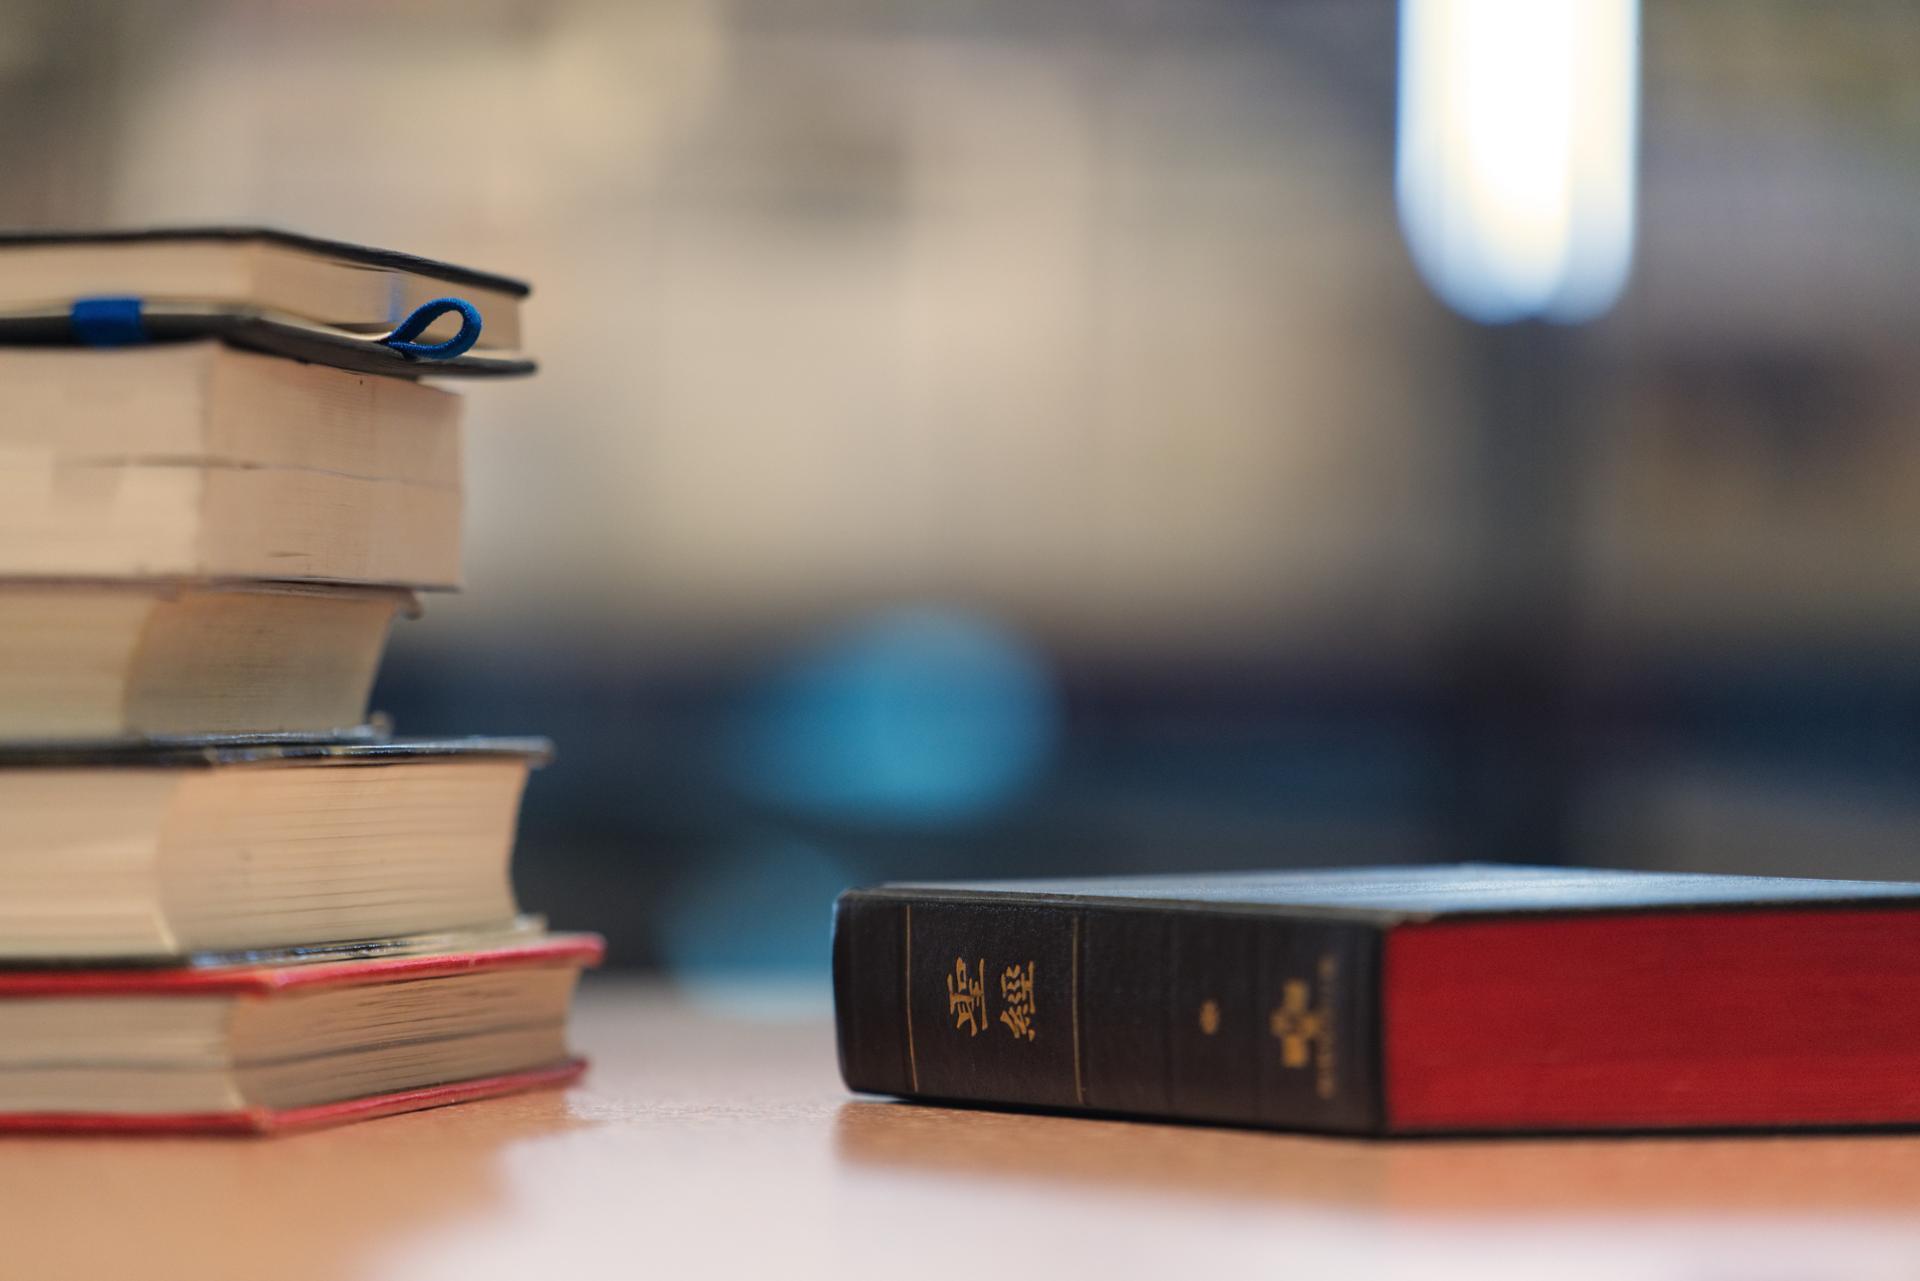 令人骇然 浙江省基督徒因销售基督教书籍被重判7年